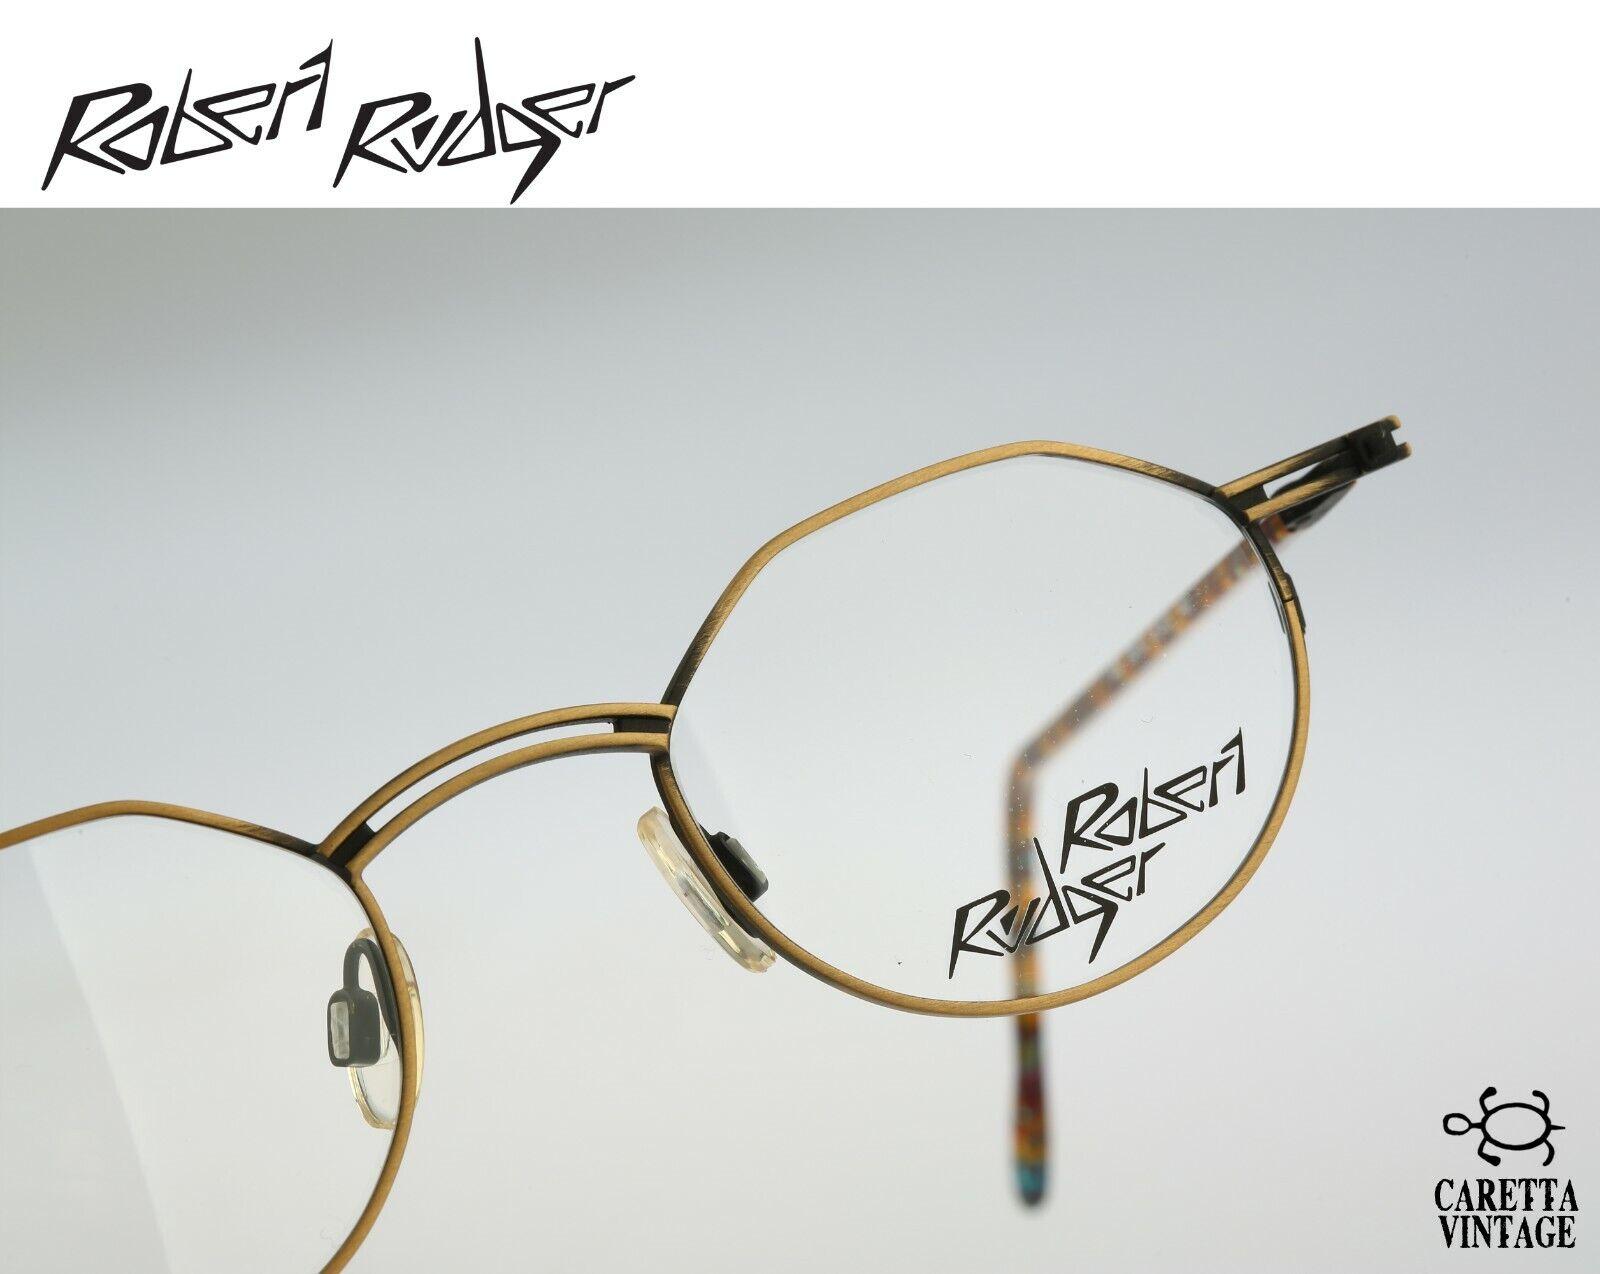 Robert Rudger 1430 139 36, Vintage 90s antique gold small round eyeglasses frame